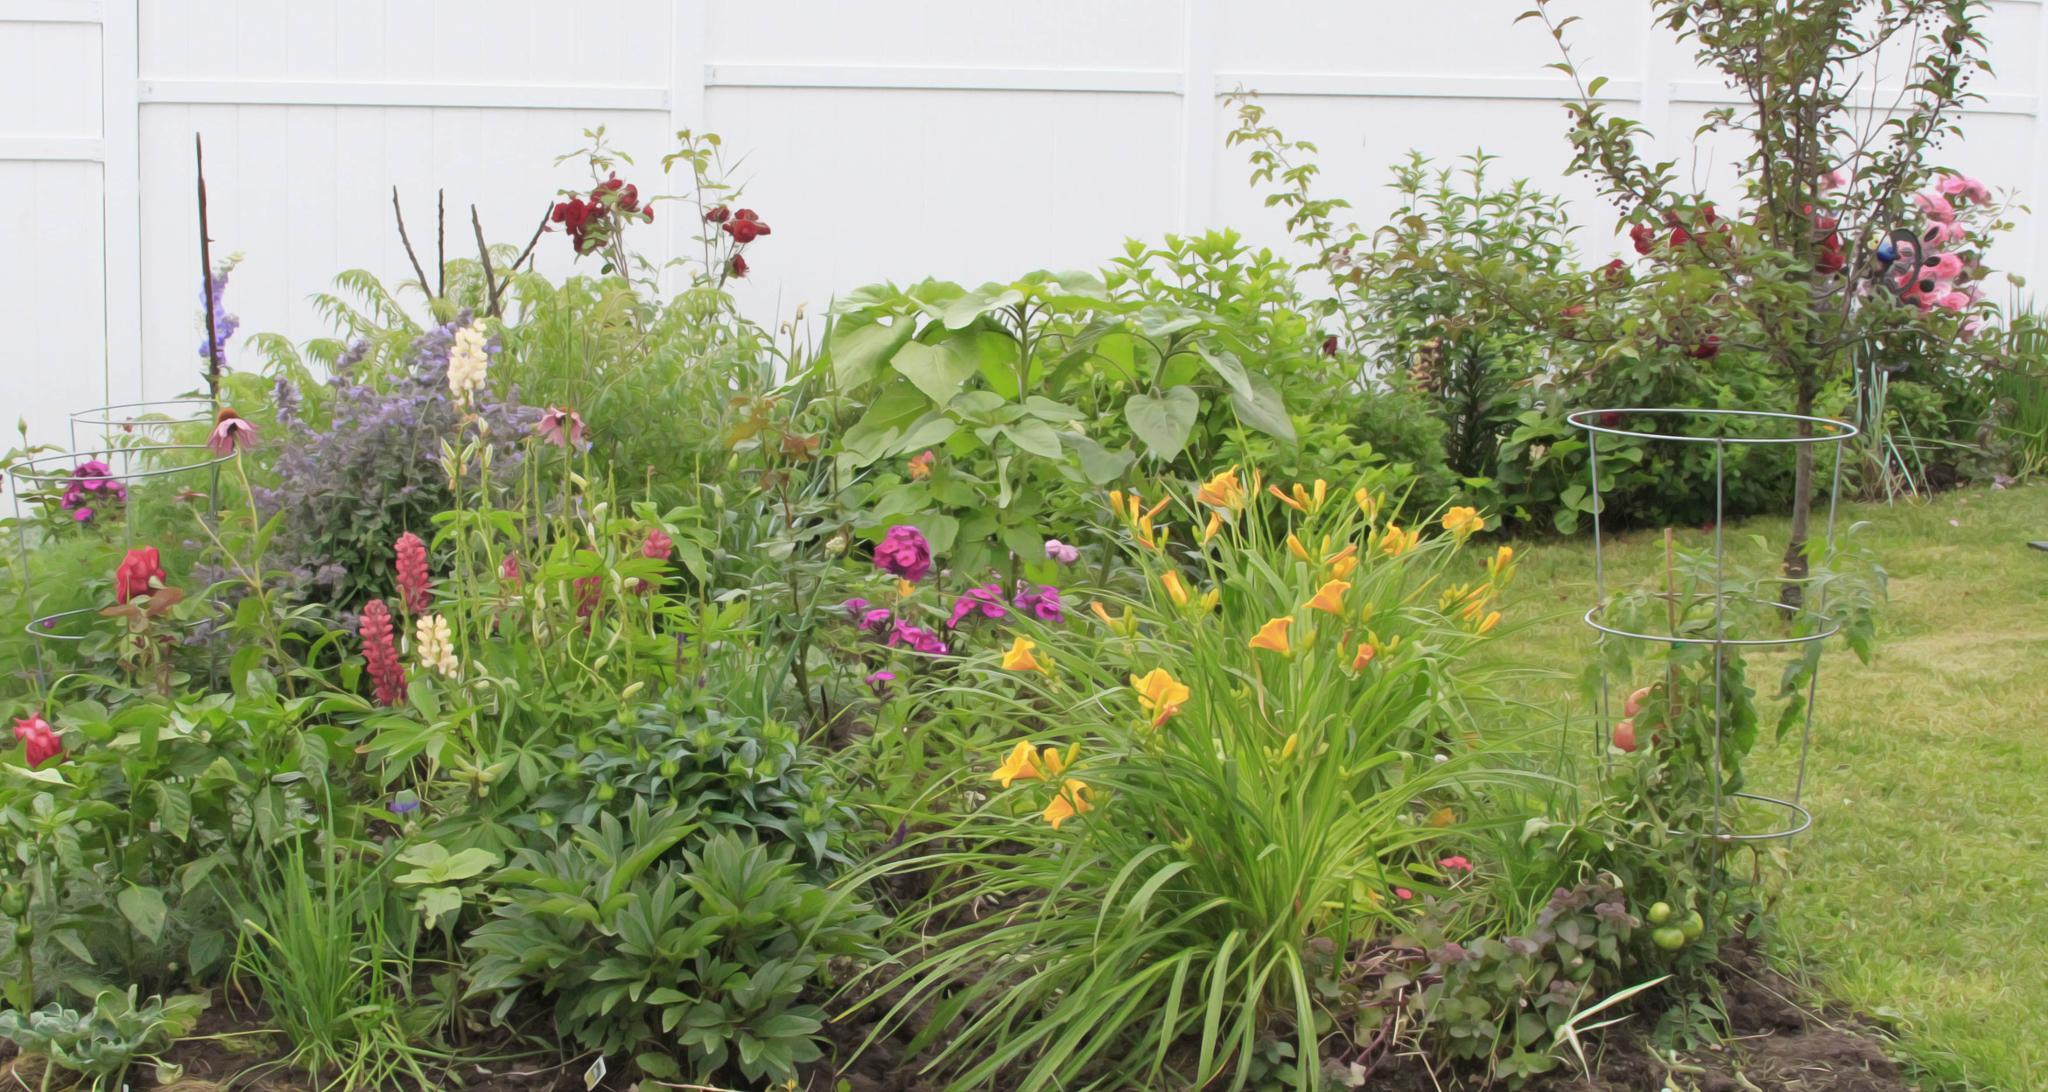 Garden in 2014 by TMM